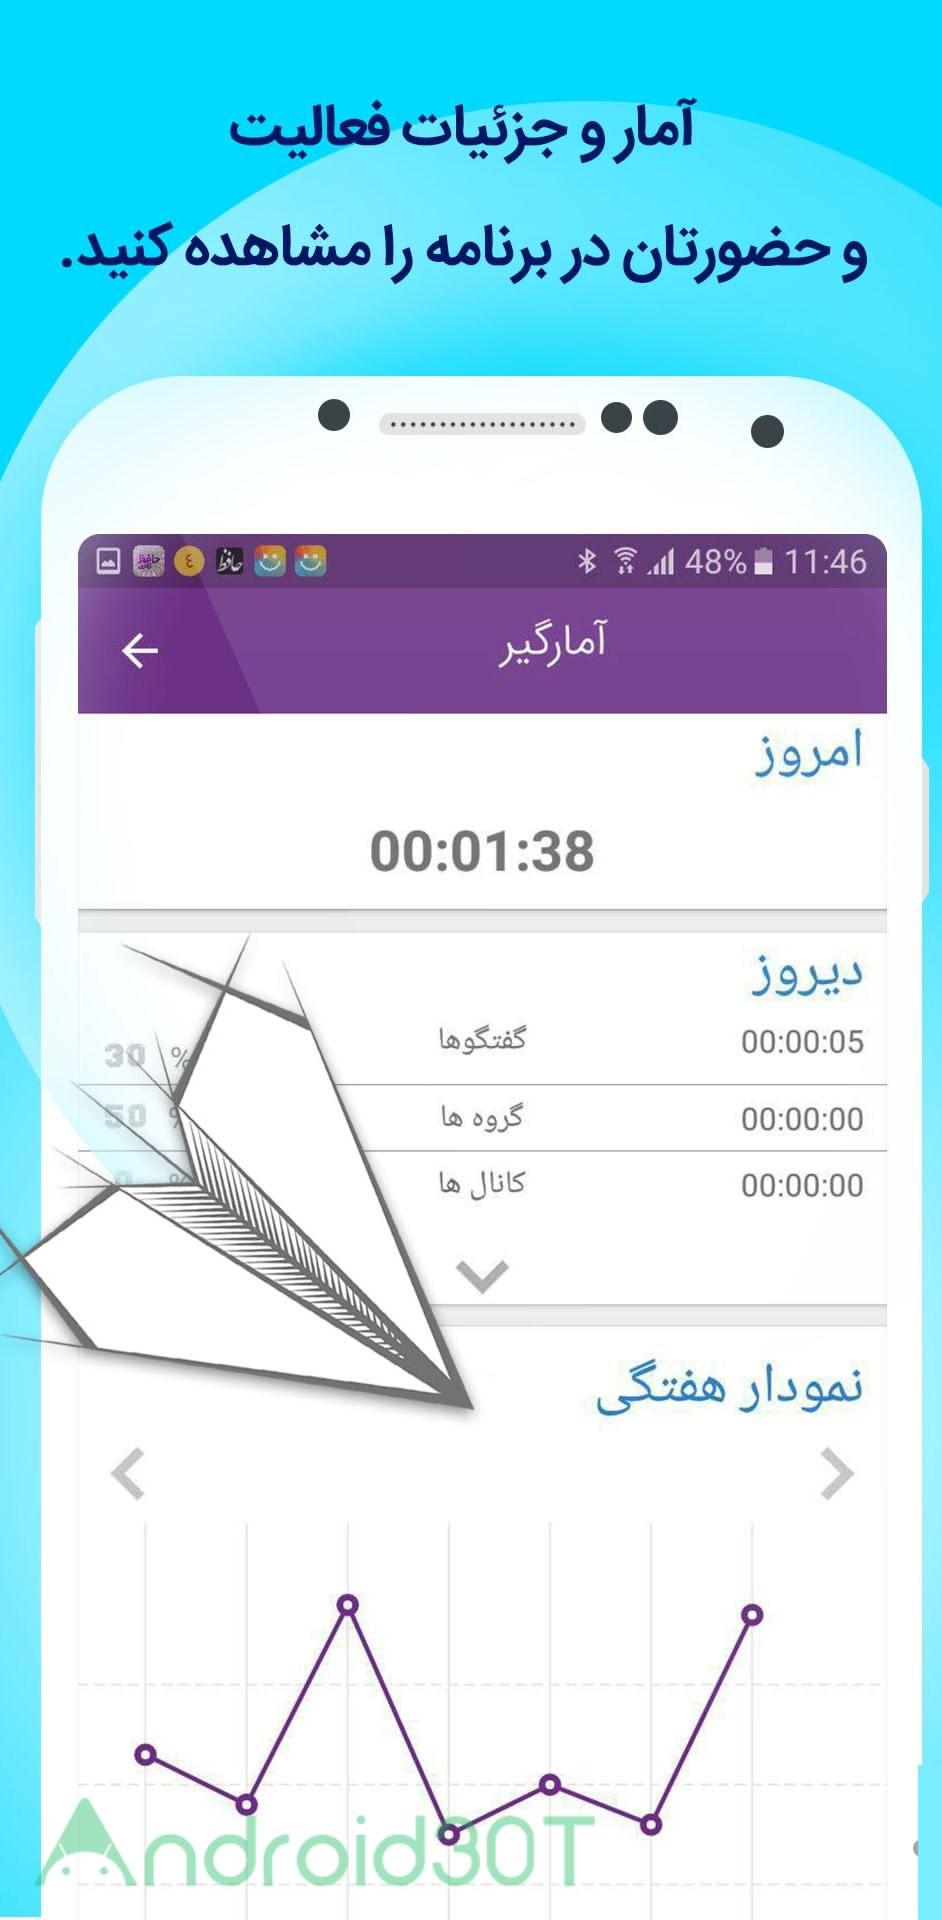 دانلود گرامی اندروید – تلگرام فارسی با امکانات ویژه